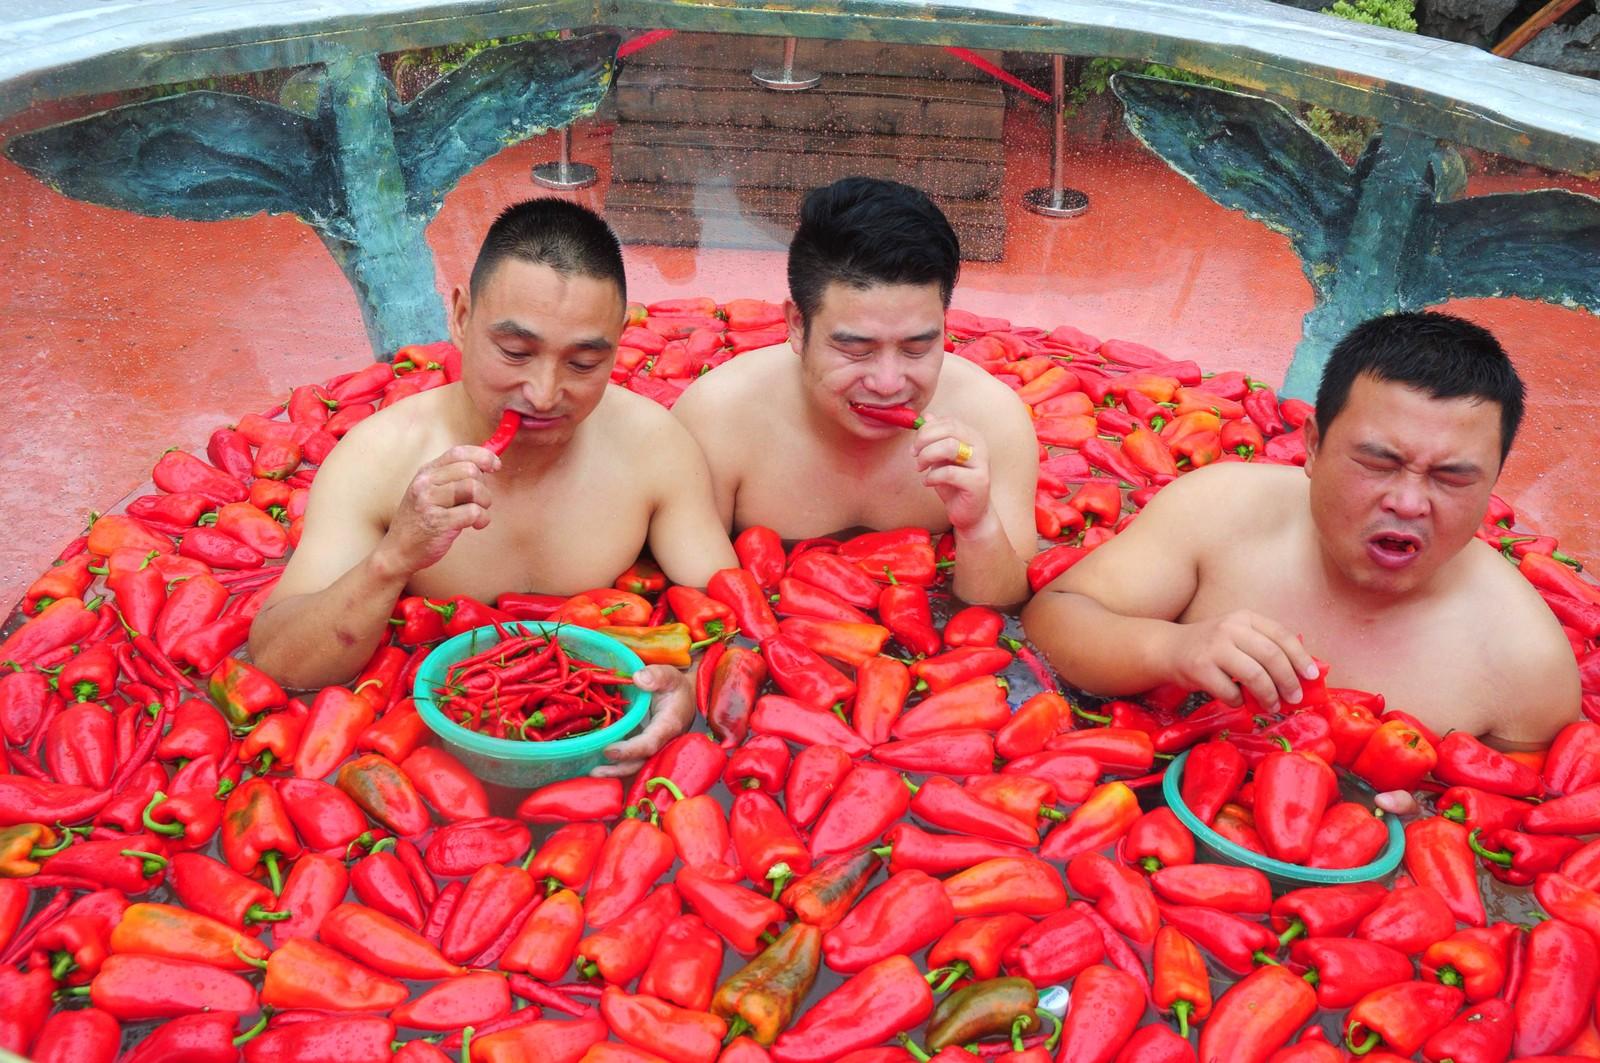 Chilispisekonkurranse i et chilibad i Ningxiang i Kina. Ganske hett. Personen som til slutt vant spiste 15 chilier på ett minutt.